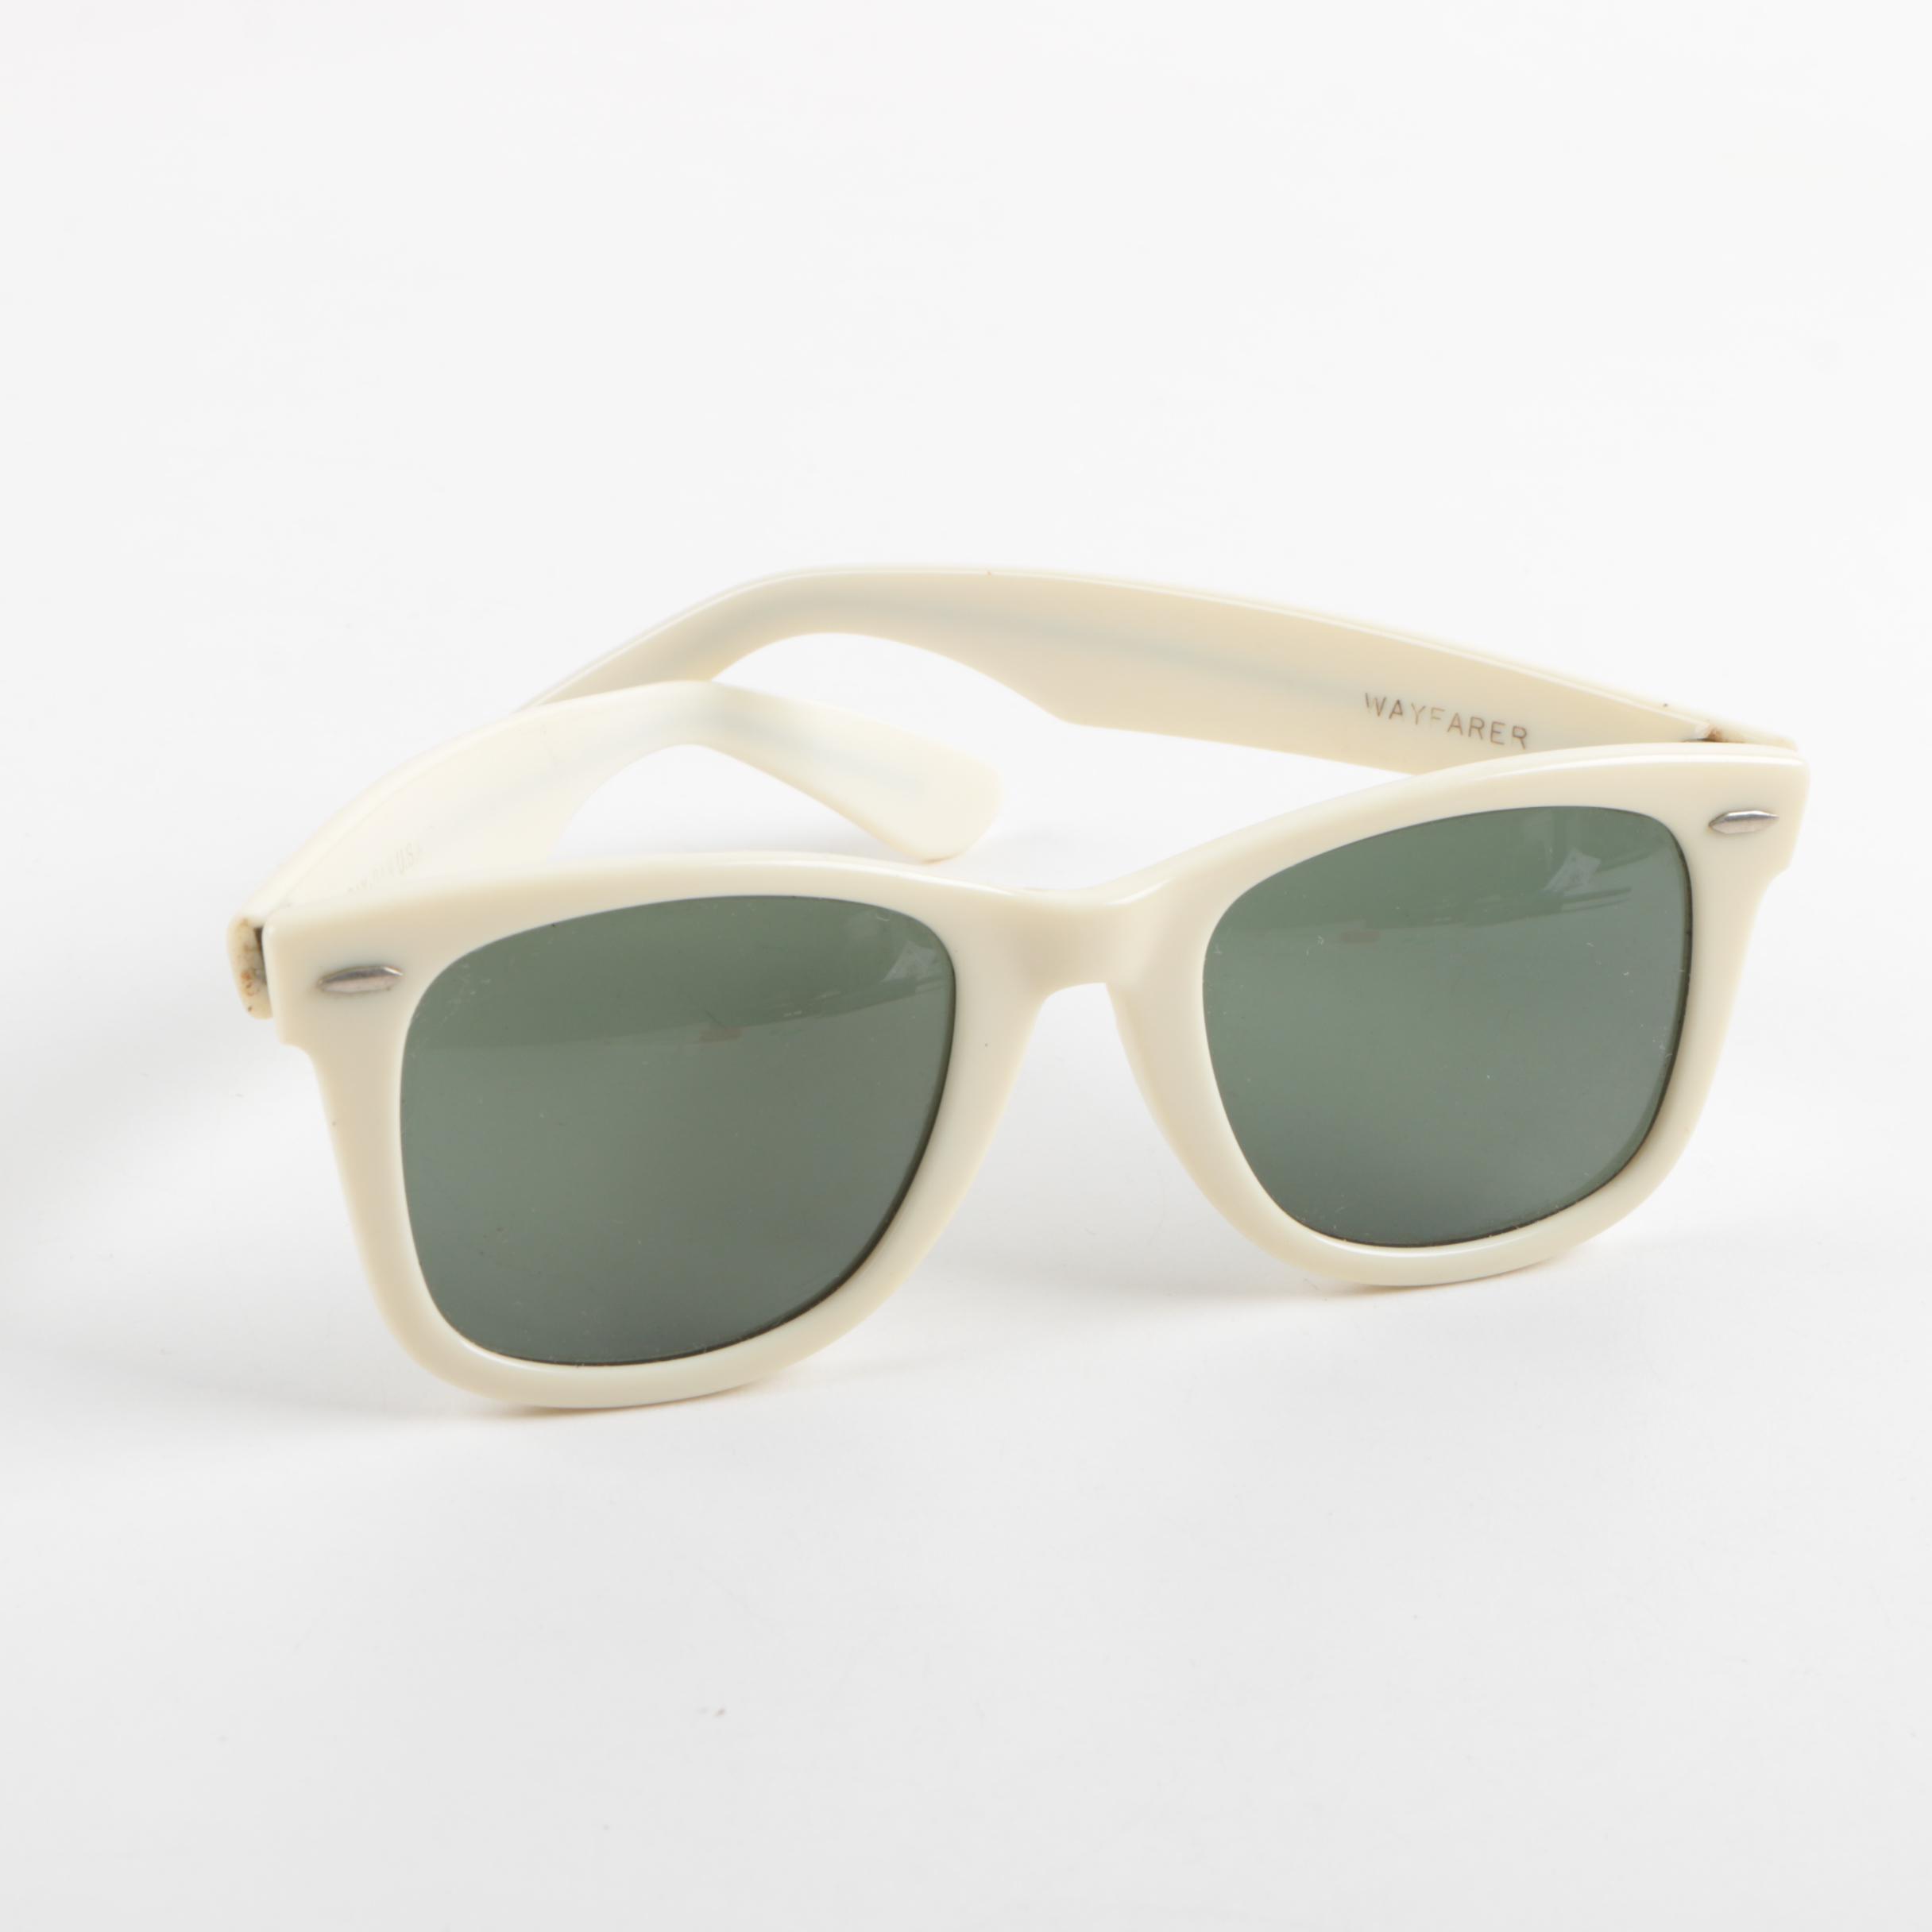 Vintage B & L Ray-Ban Wayfarer Sunglasses